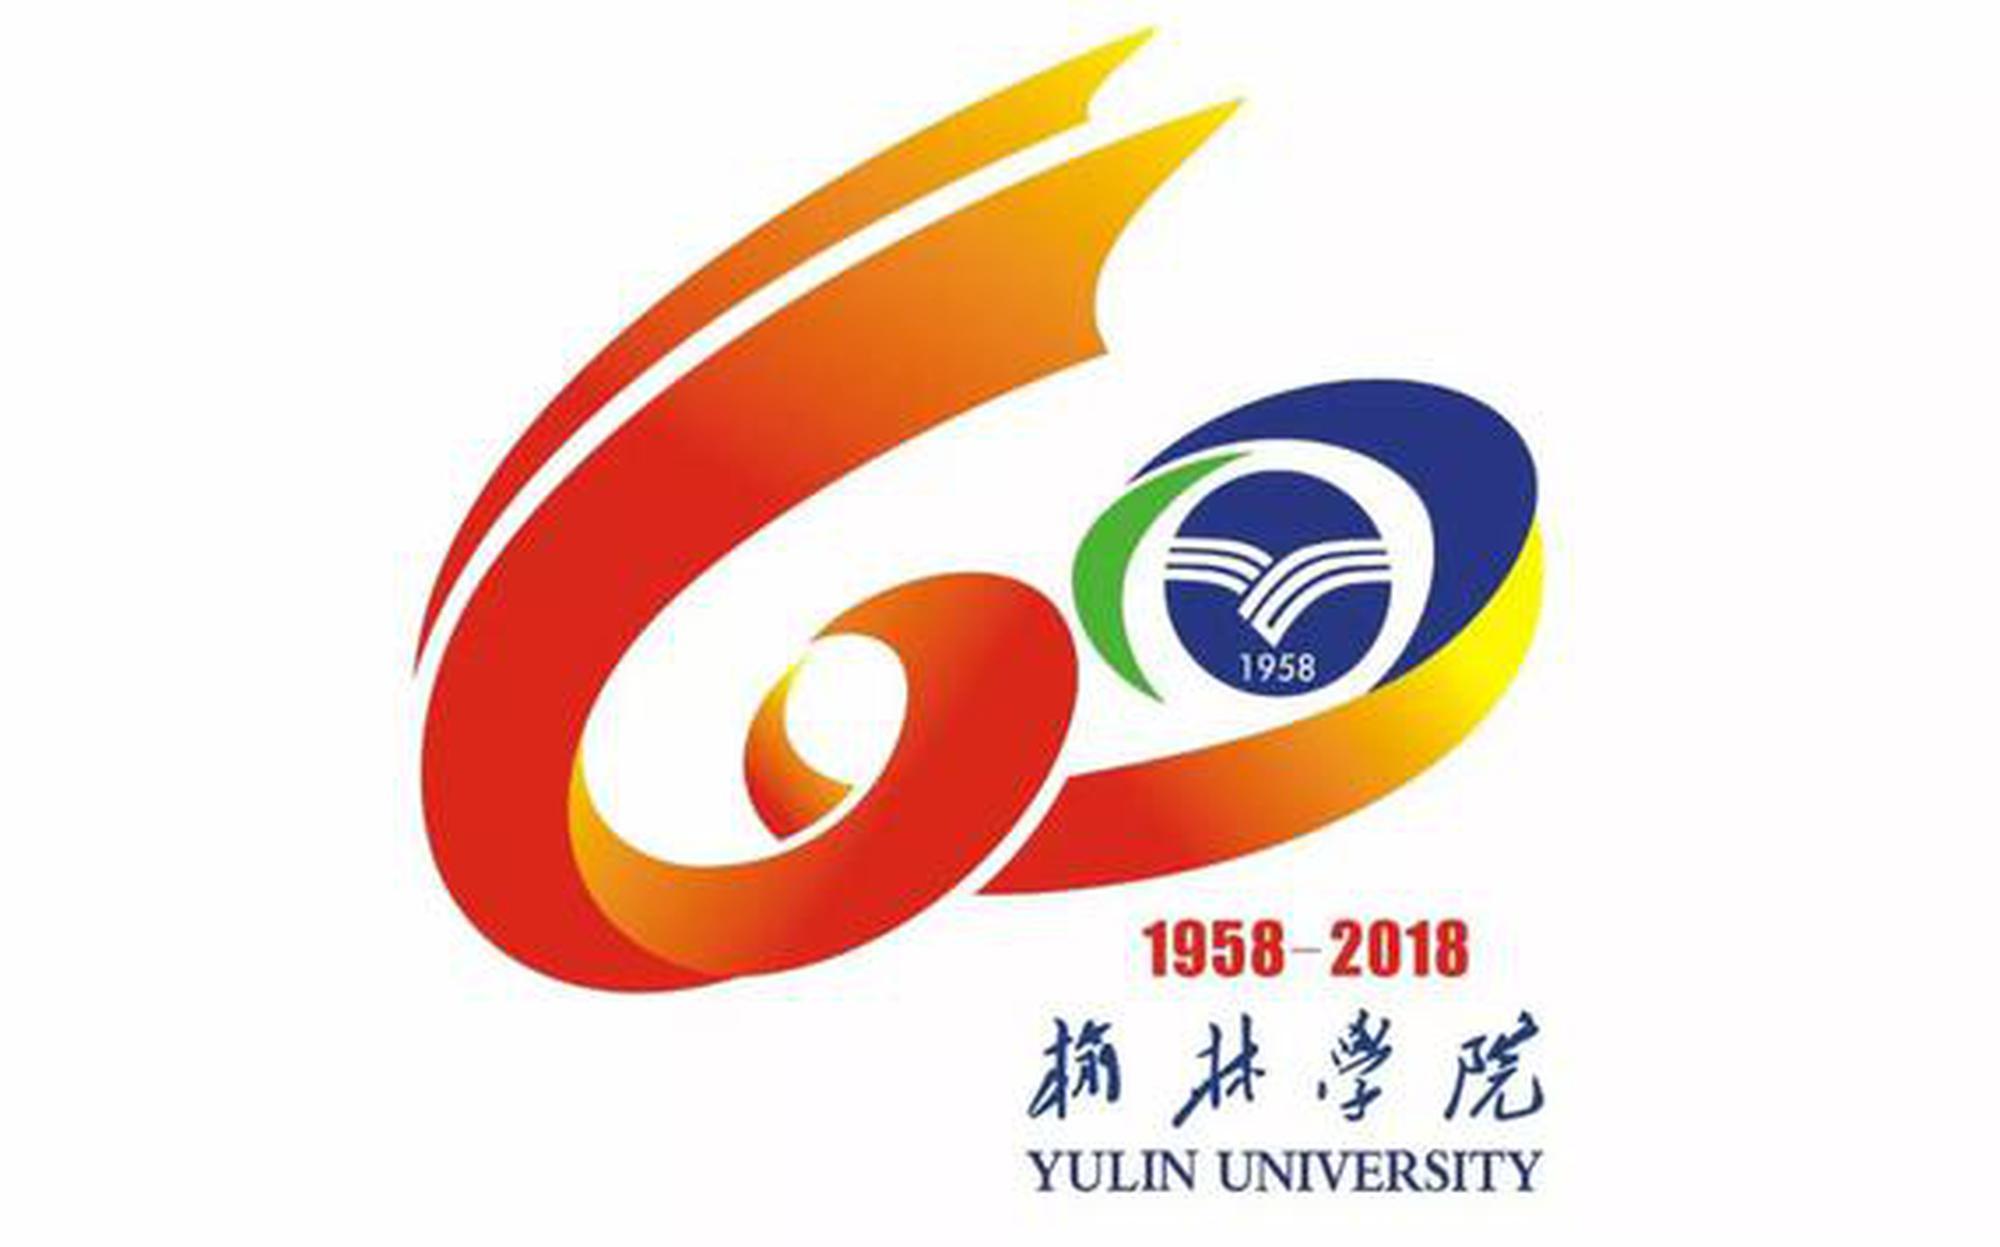 榆林学院建校60周年校庆LOGO正式发布